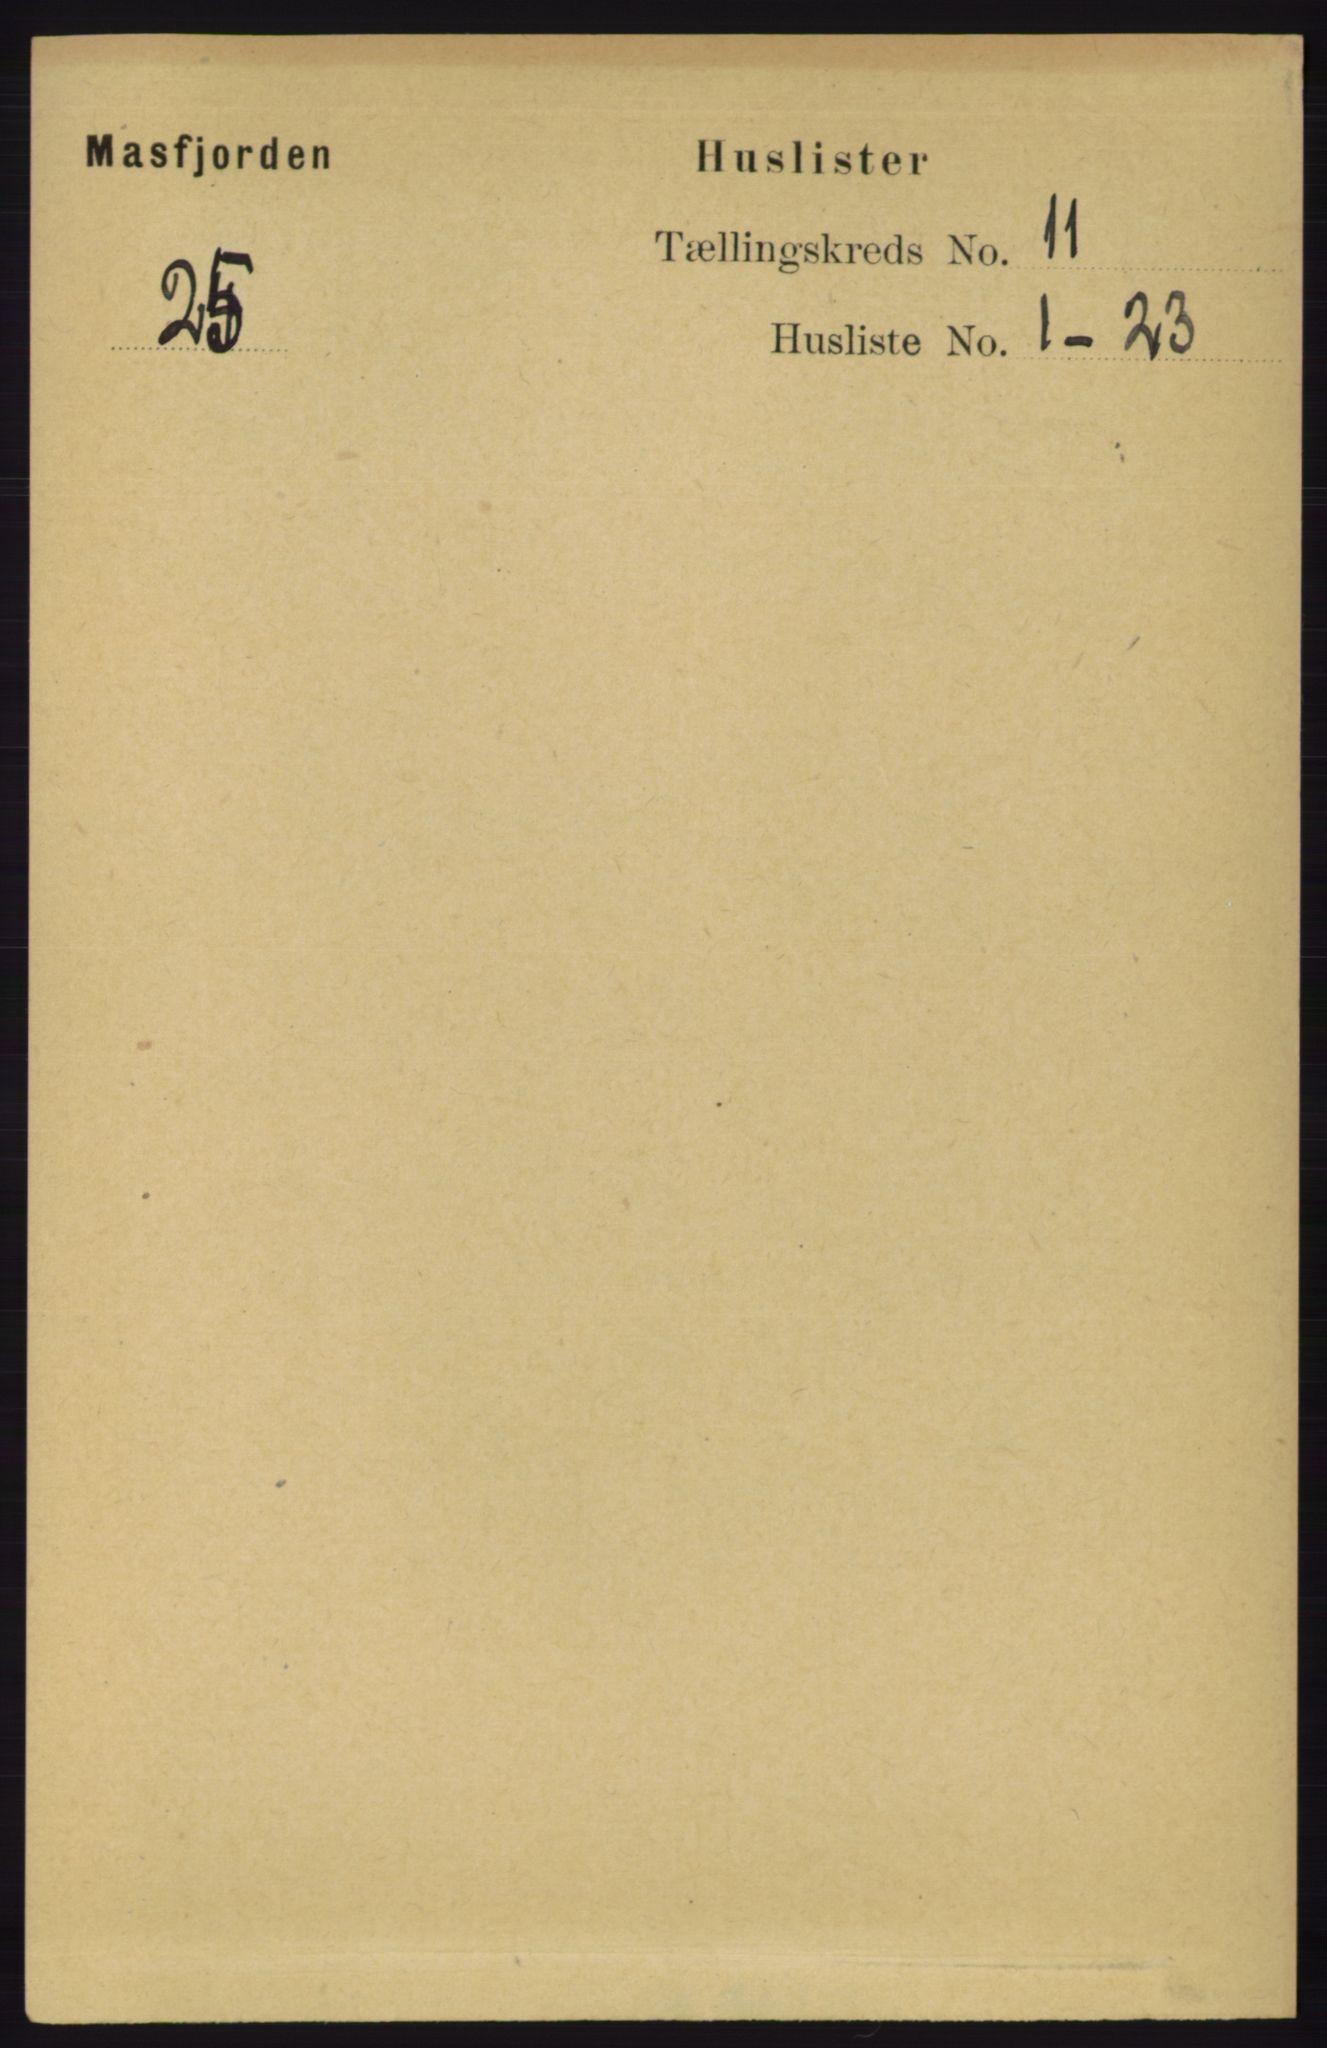 RA, Folketelling 1891 for 1266 Masfjorden herred, 1891, s. 2242